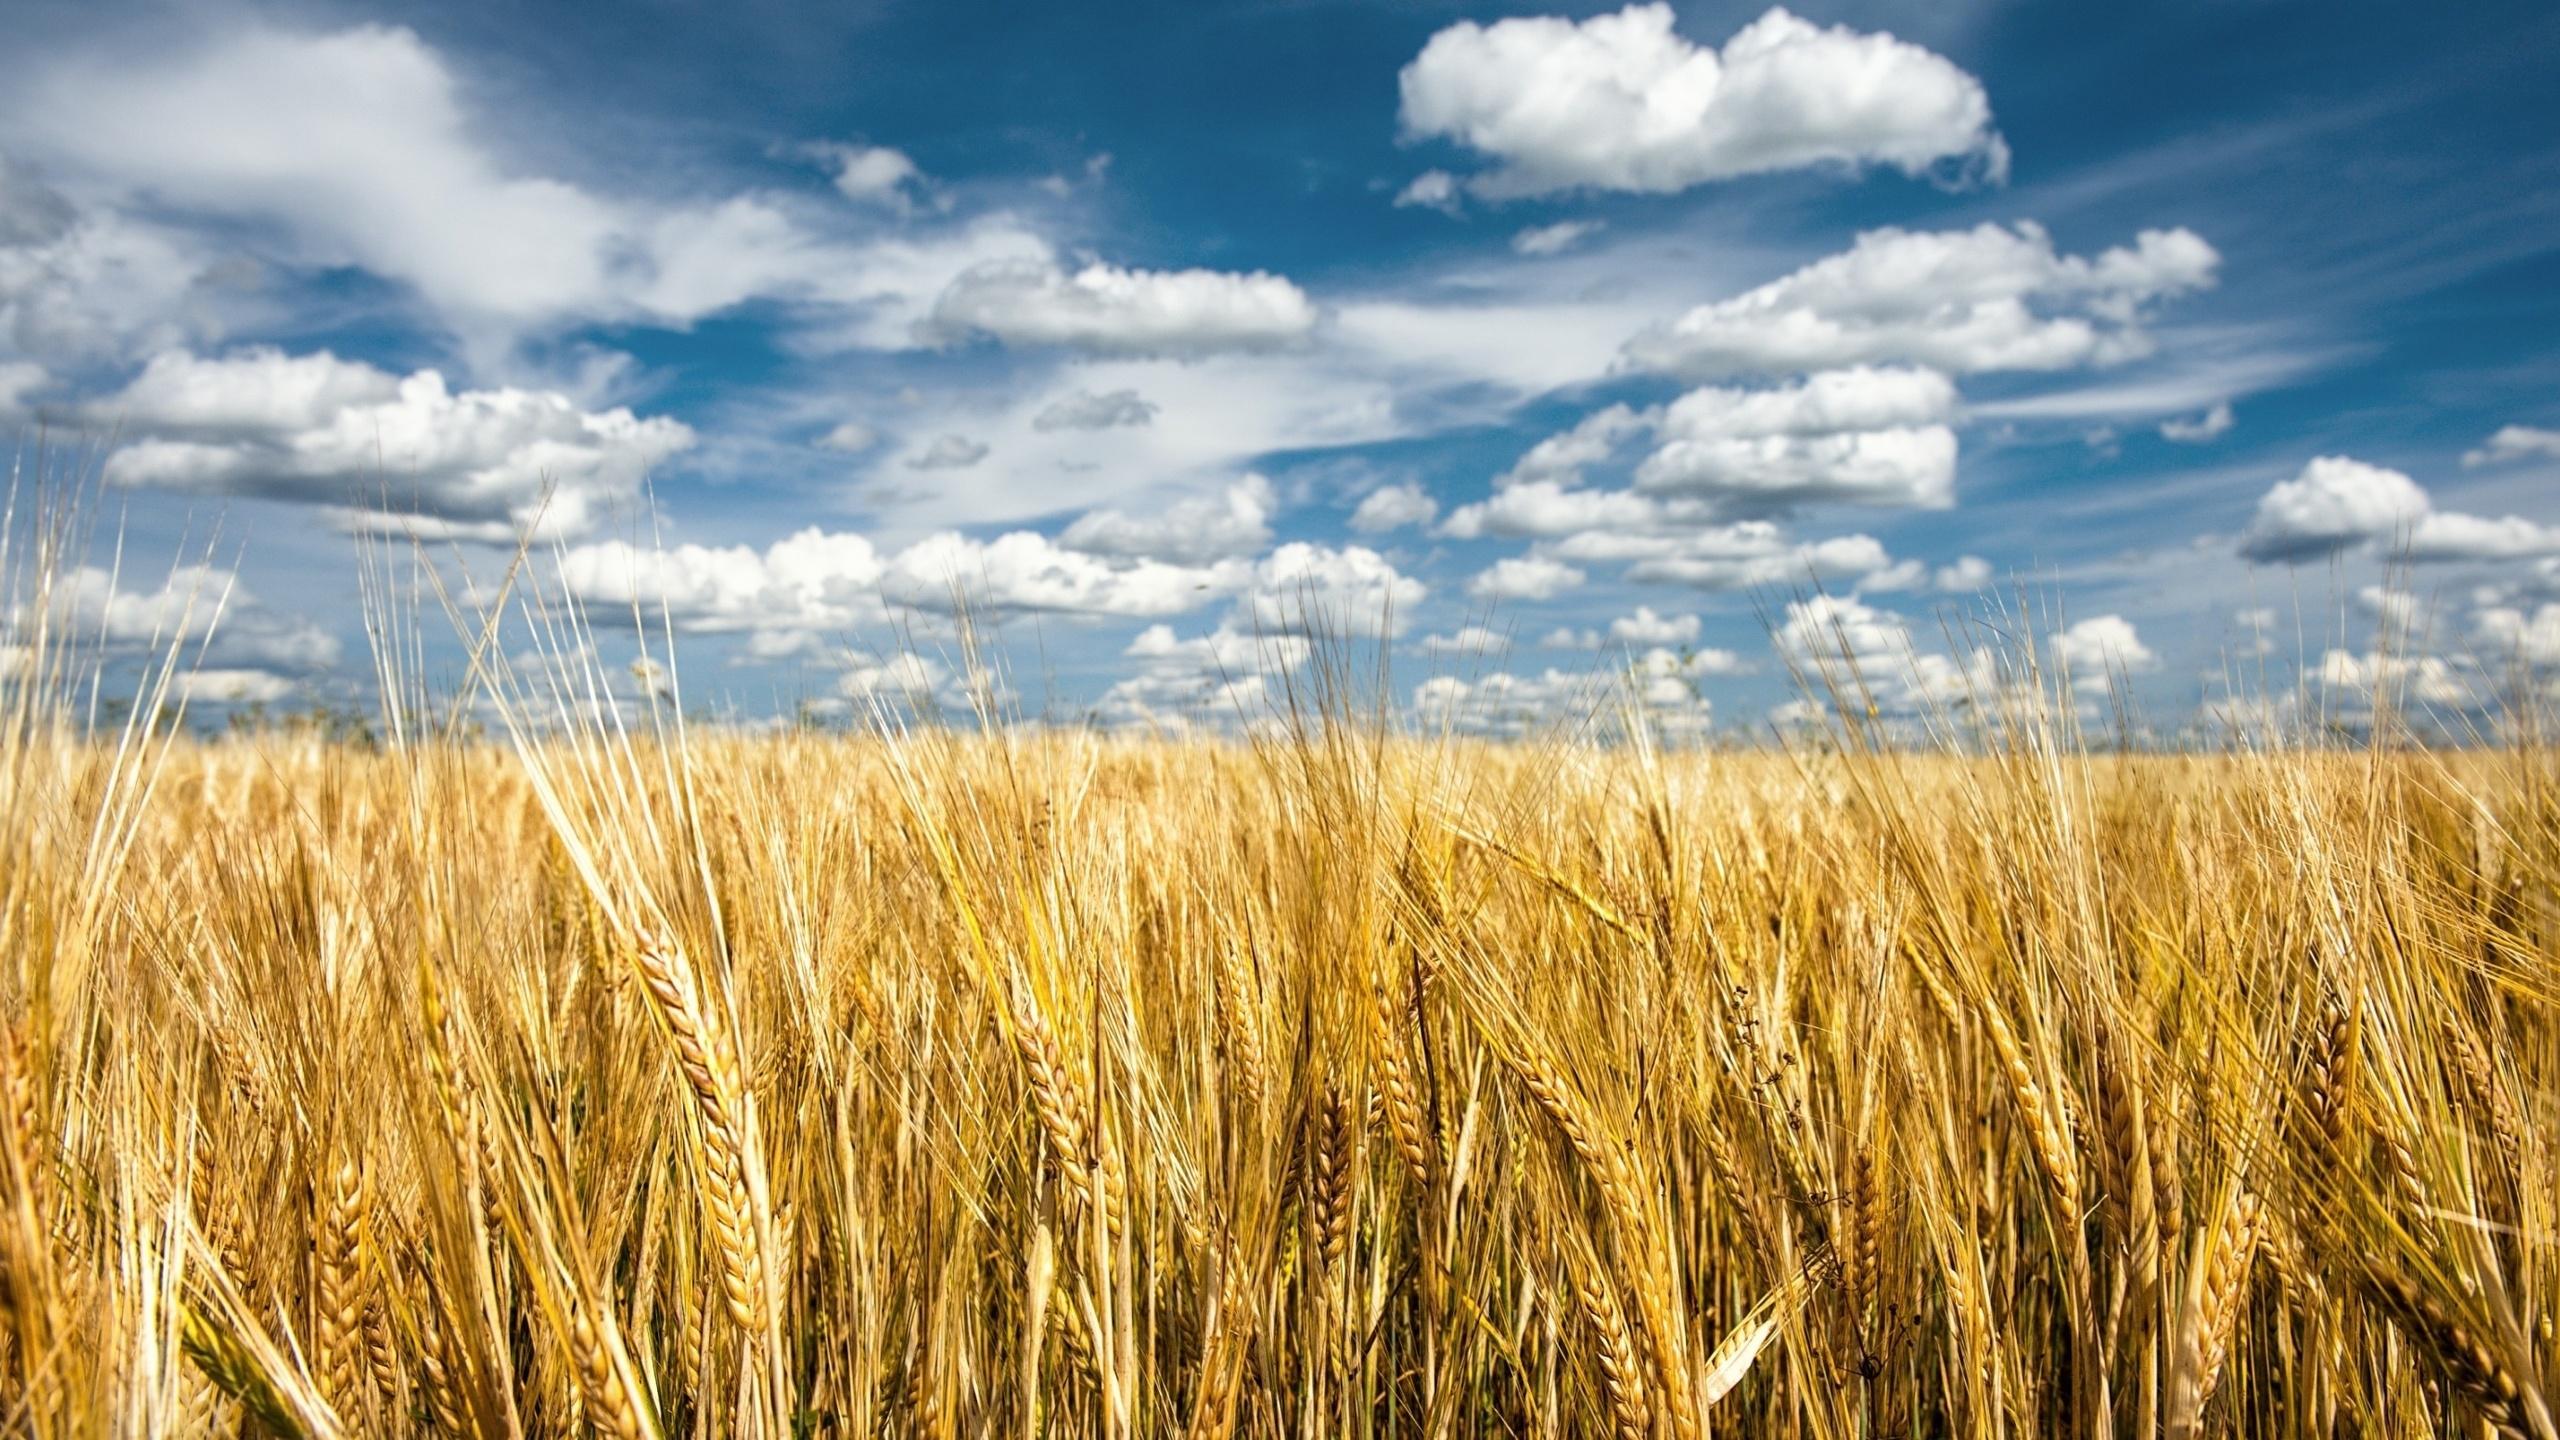 Пшеница обои рабочего стола 6